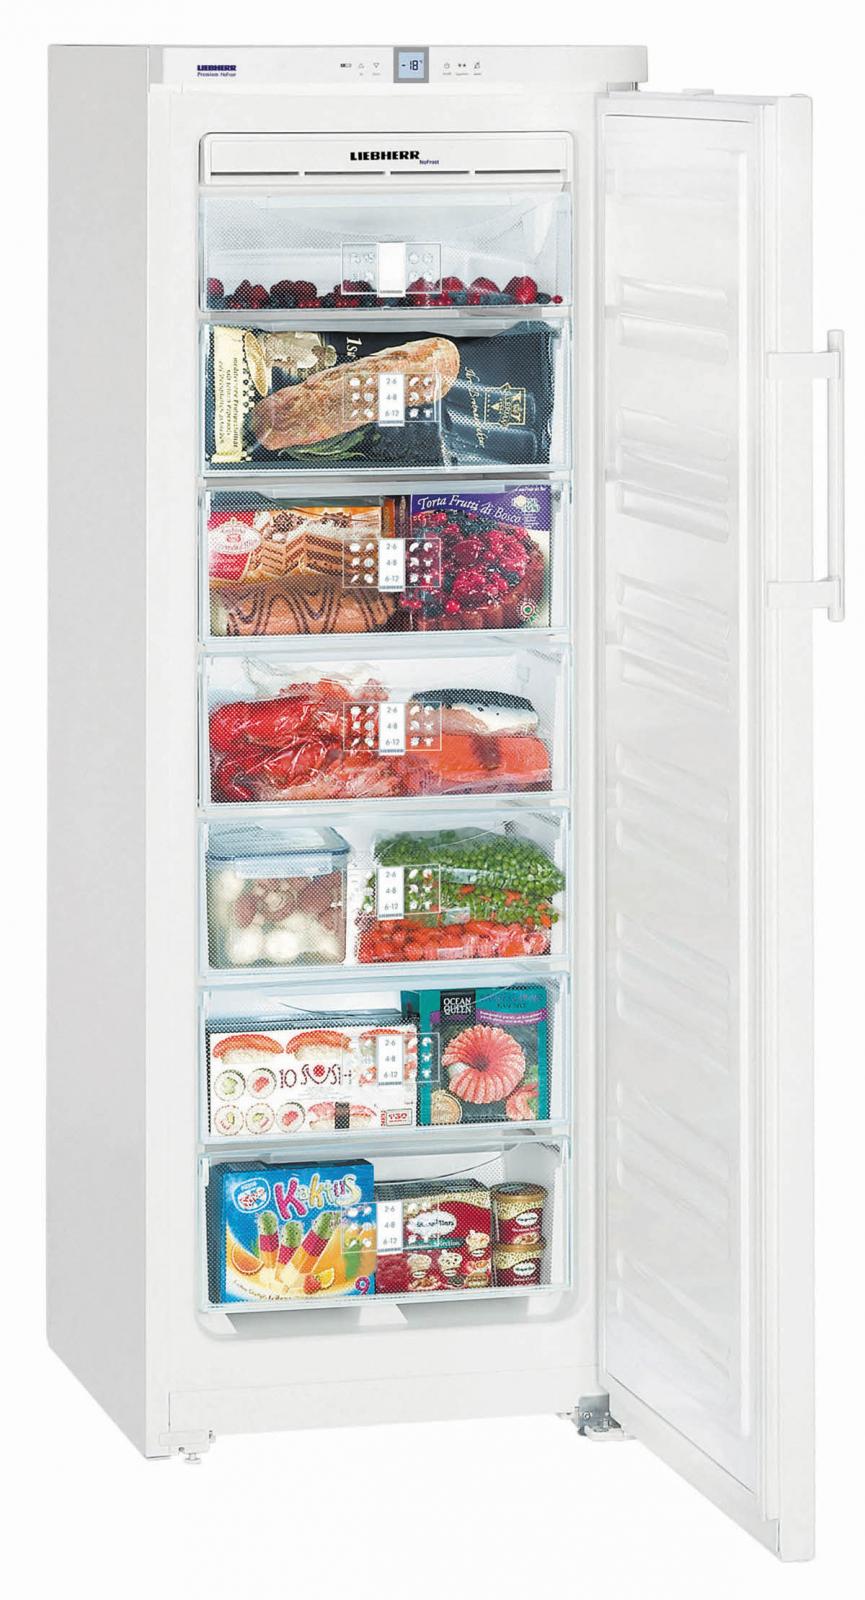 купить Встраиваемая морозильная камера Liebherr IGN 2756 Украина фото 0